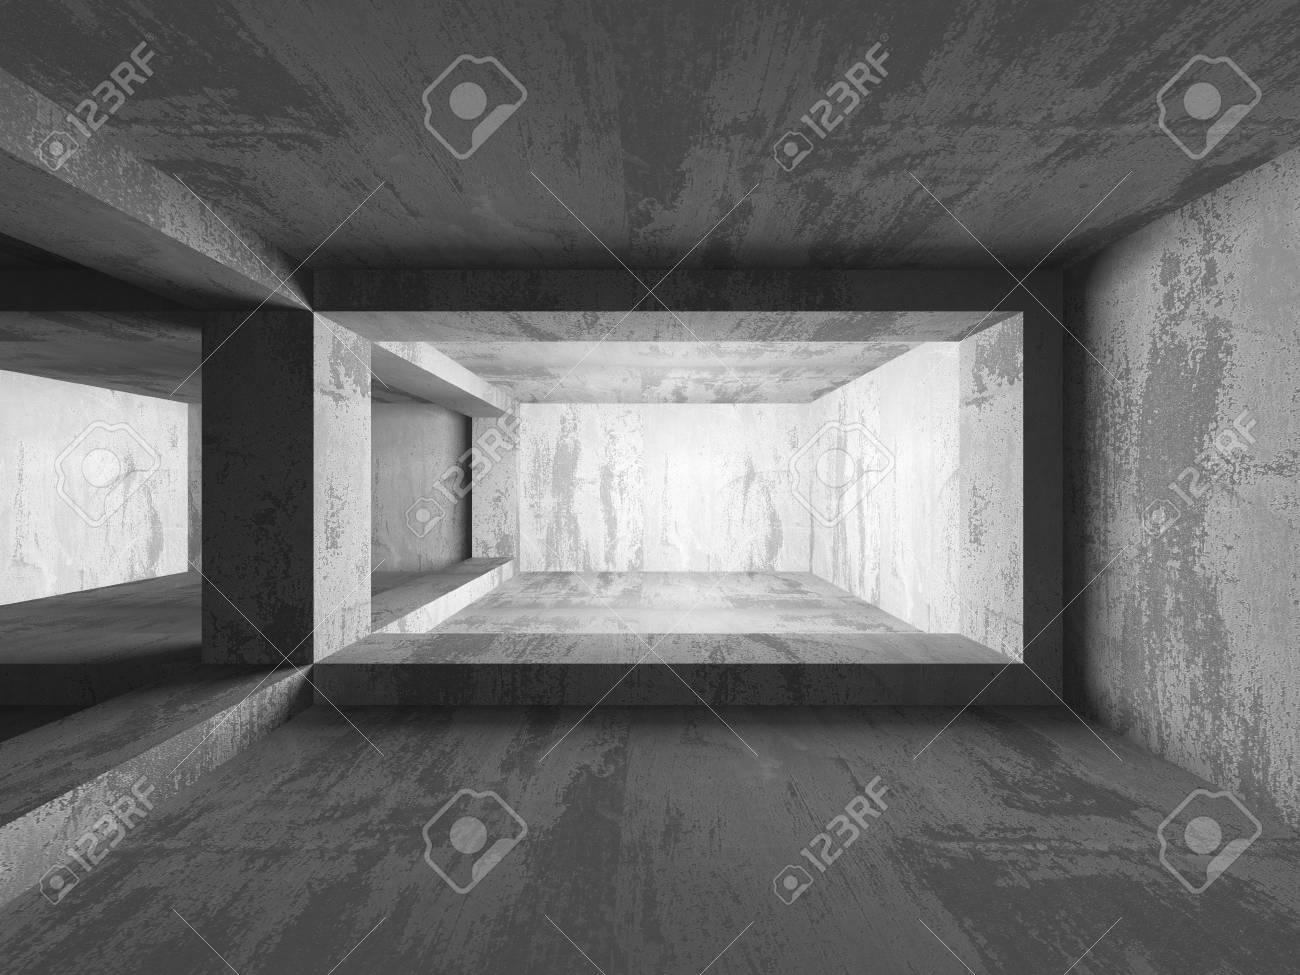 Fondo concreto arquitectura. Resumen cuarto oscuro vacío. 3d ilustración